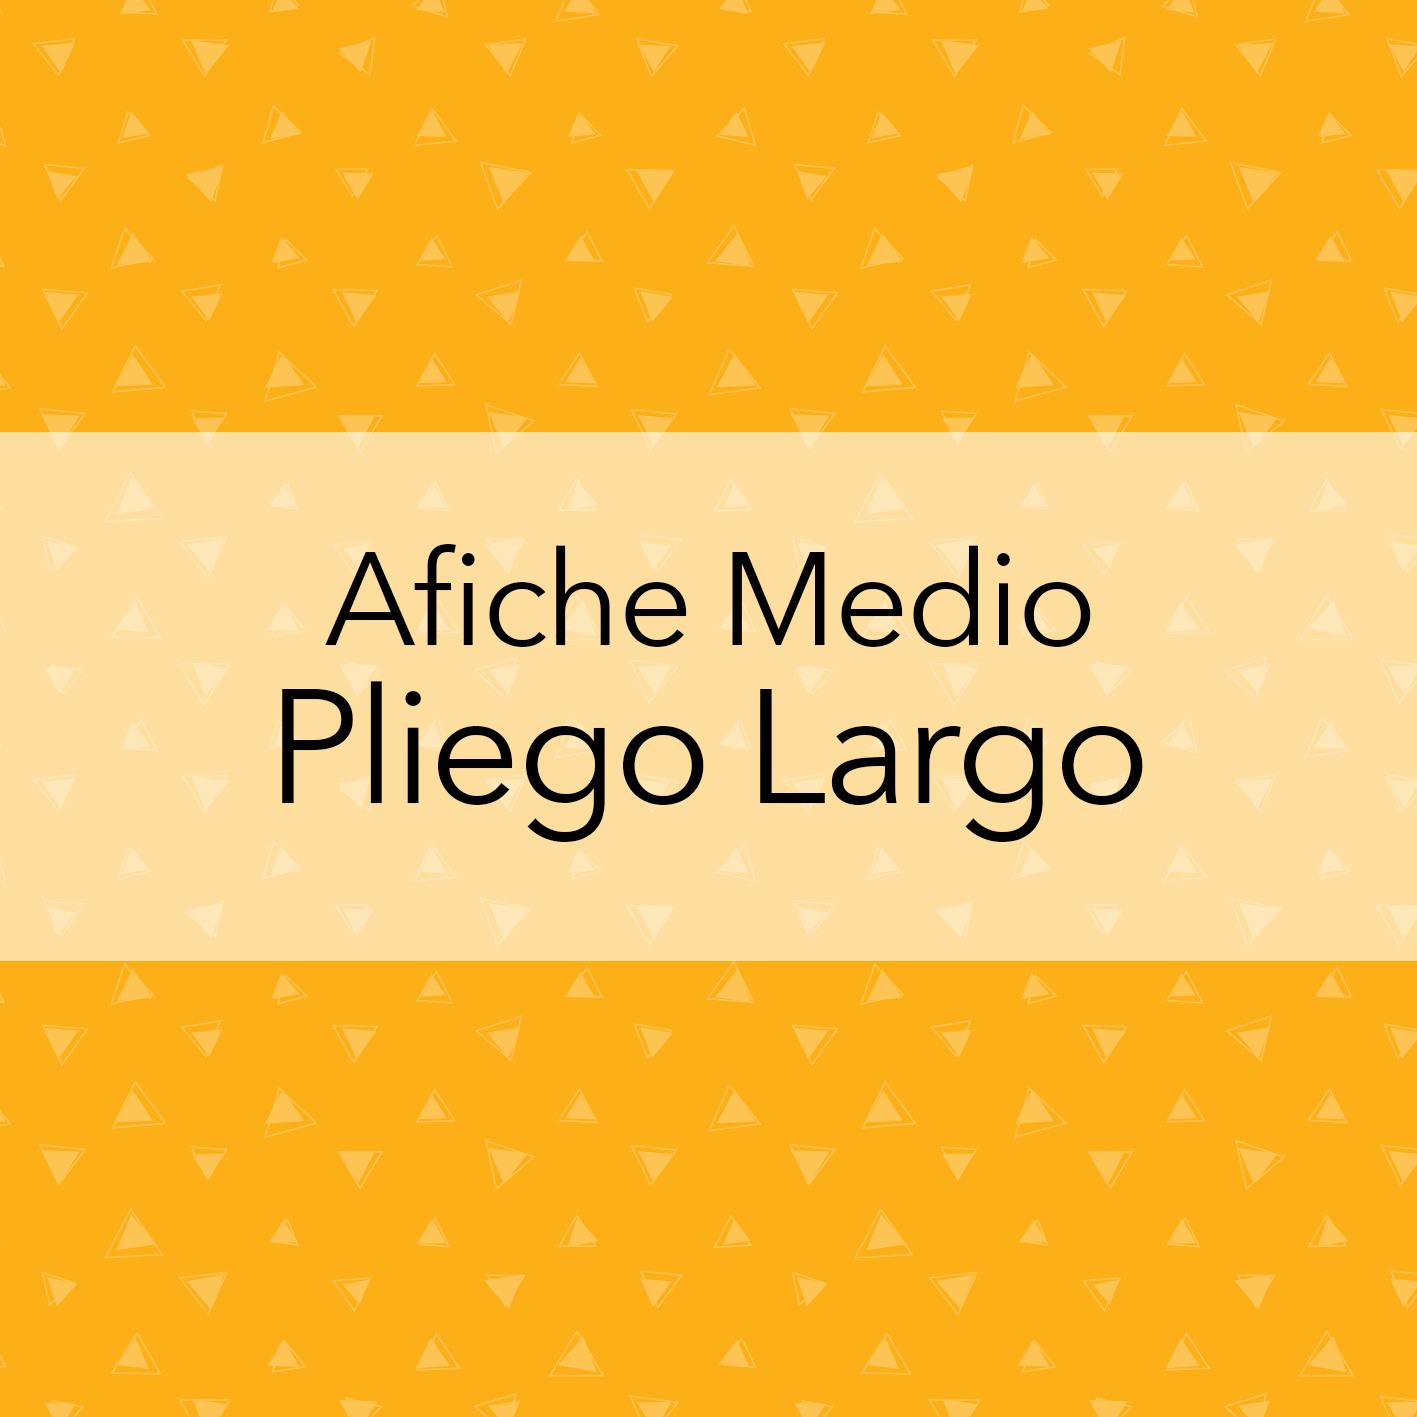 AFICHE MEDIO PLIEGO LARGO